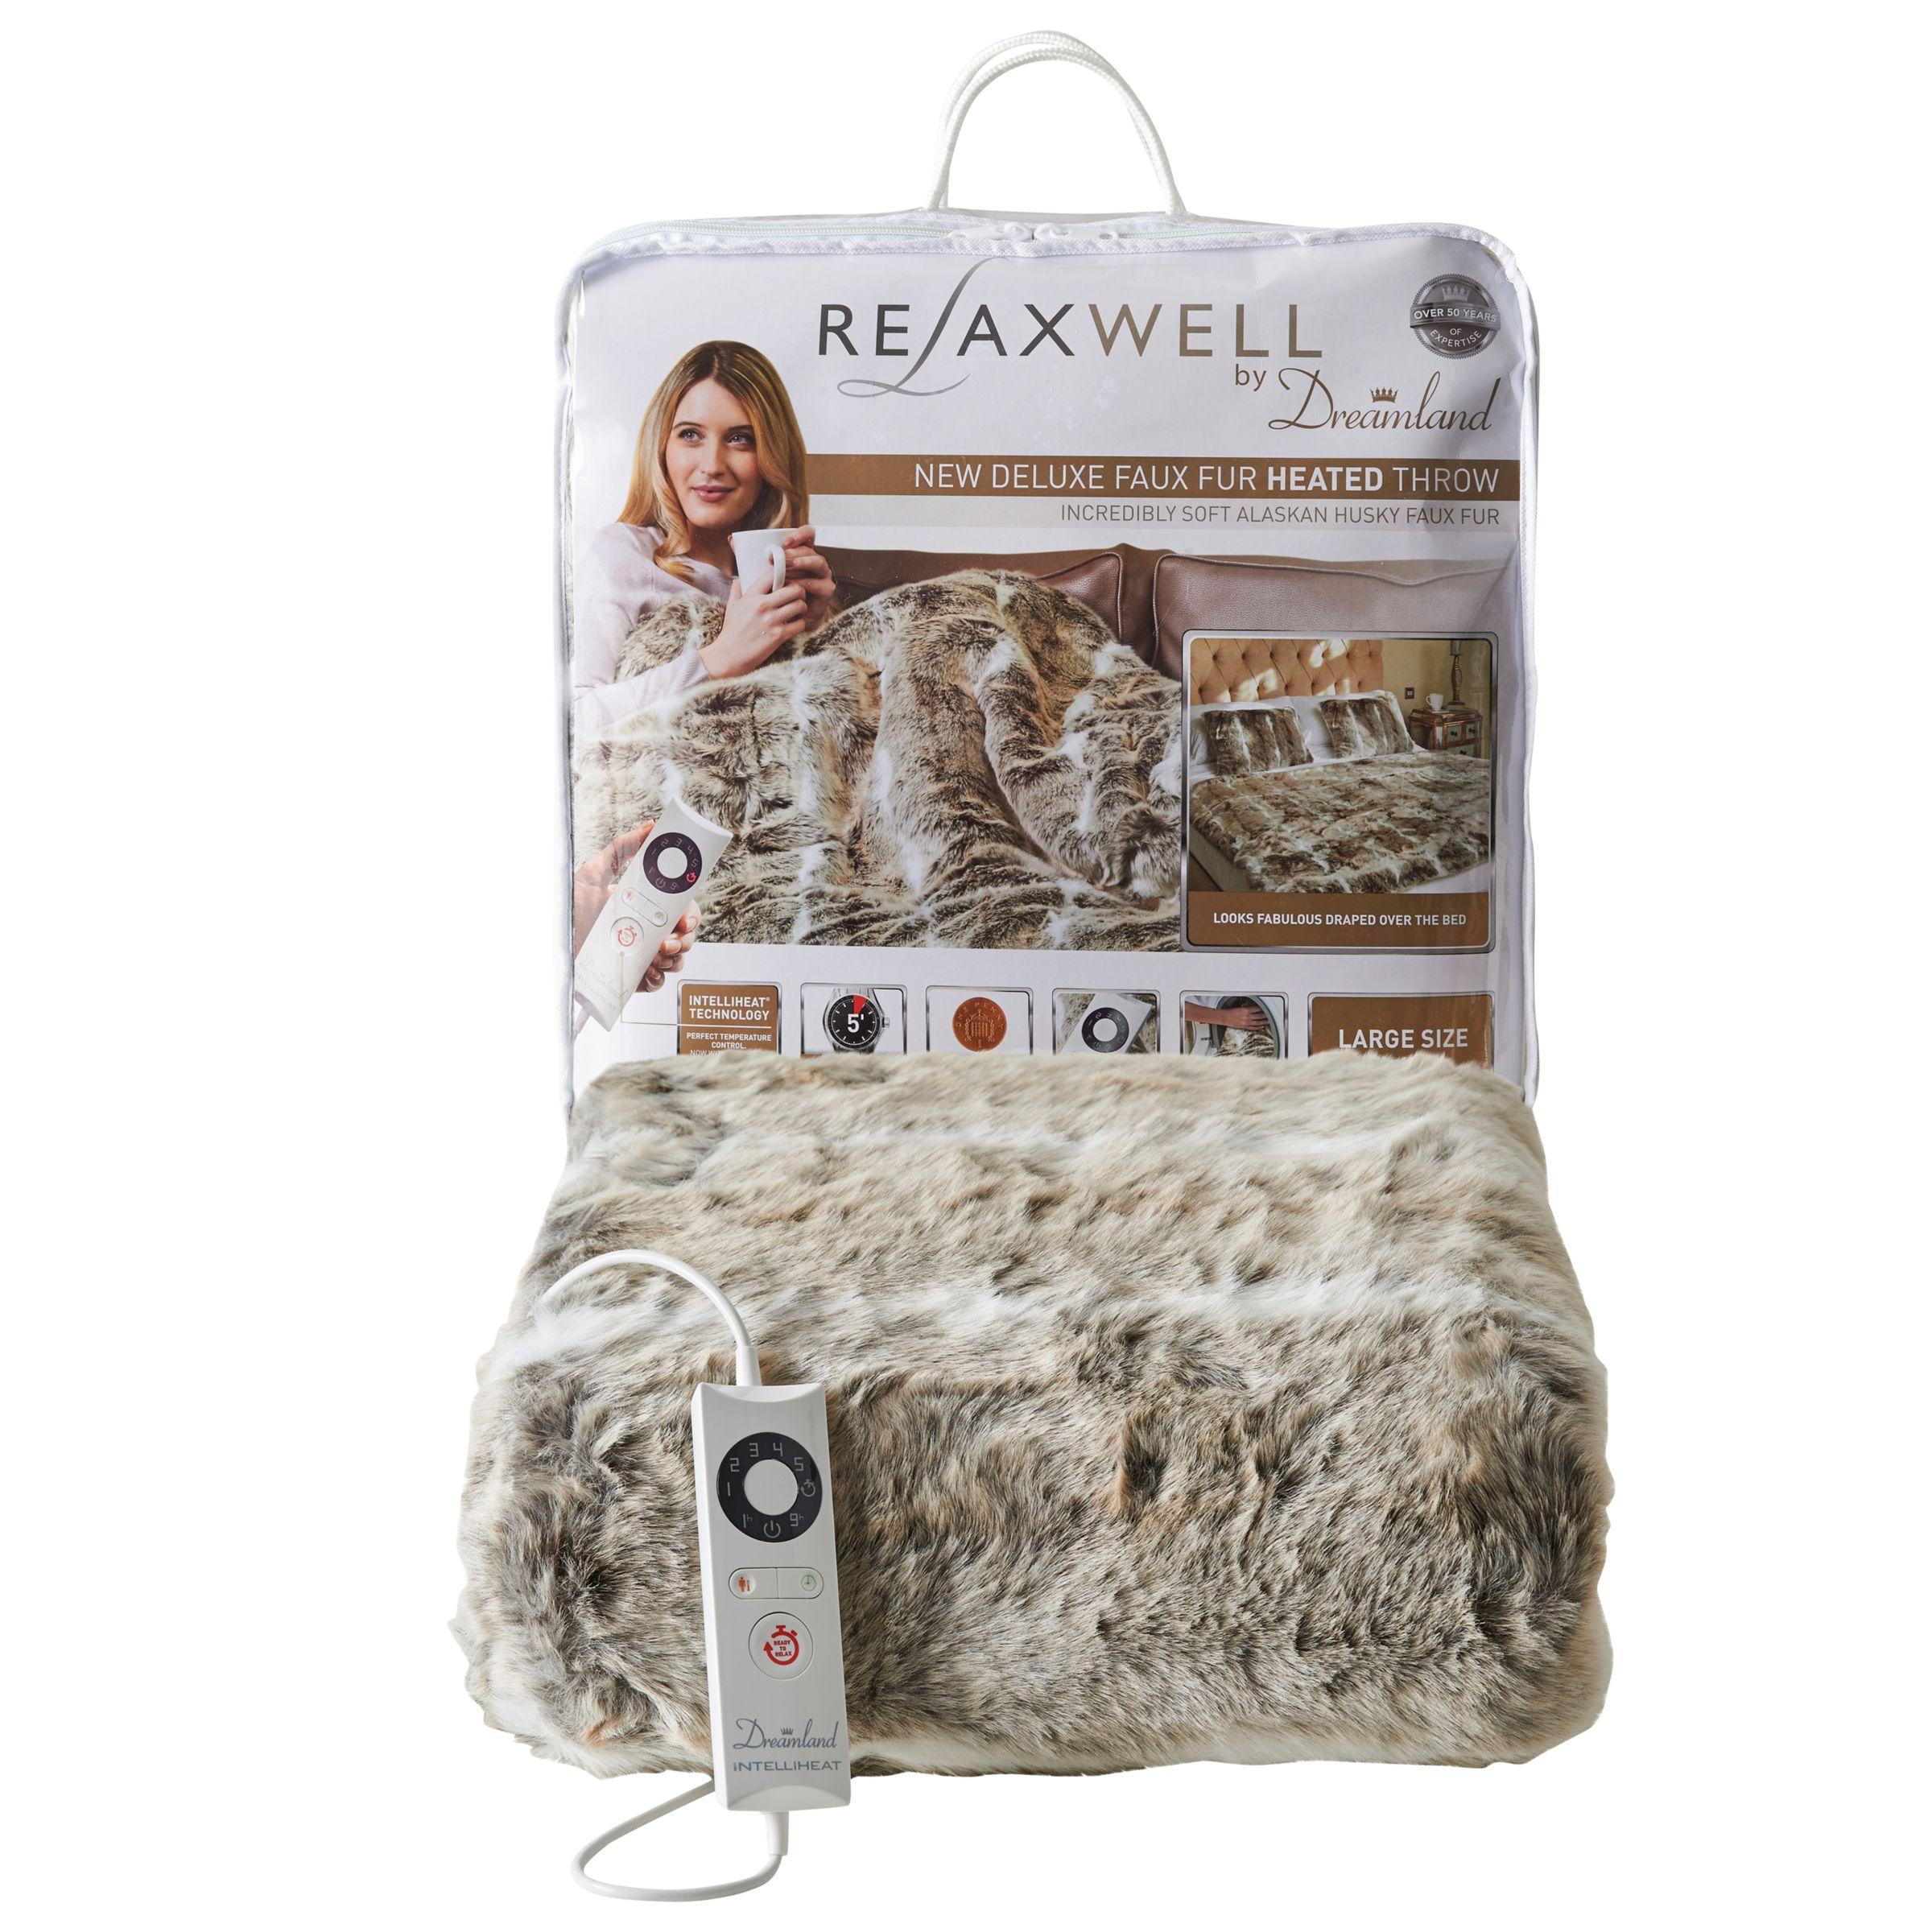 Dreamland Dreamland 16340 Faux Fur Throw Heated Electric Blanket, Alaskan Grey